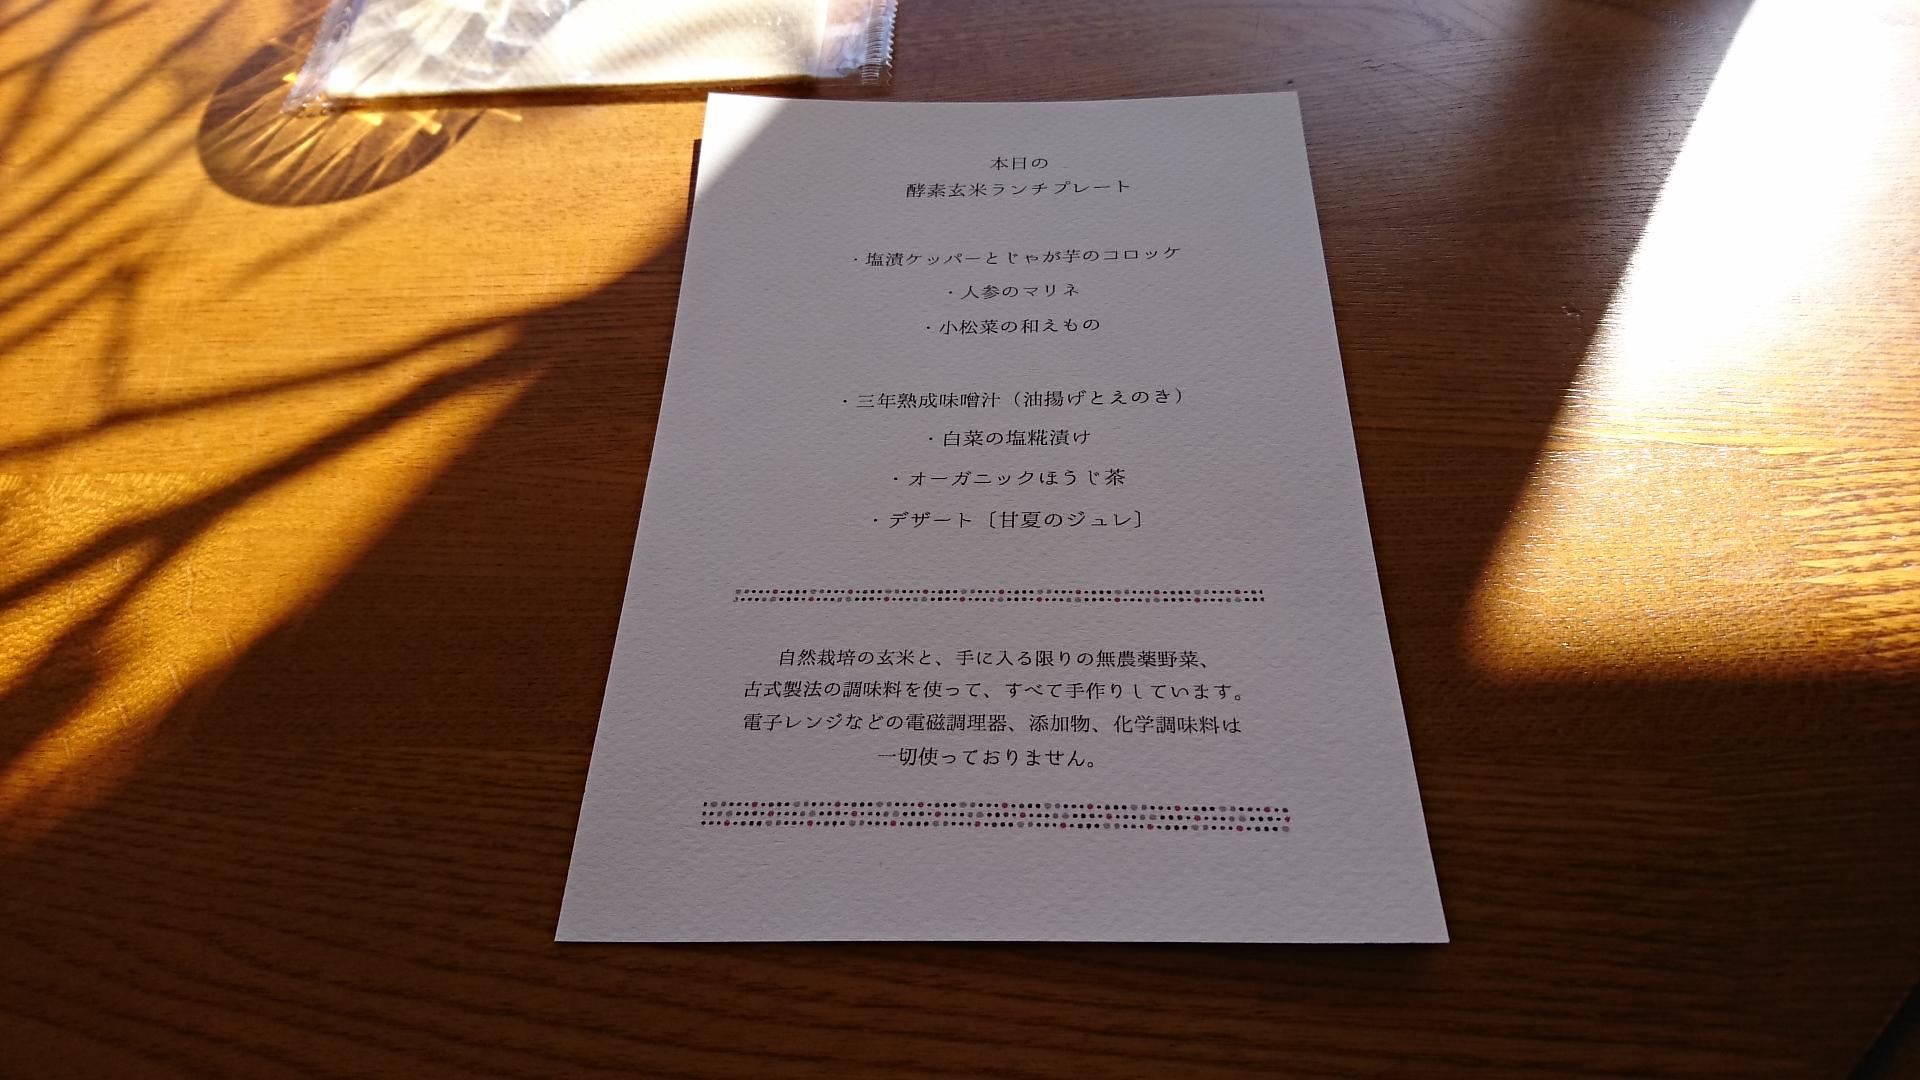 2018.3.10 東幡豆 (12) 酵素玄米ランチプレート - こんだて表 1920-1080